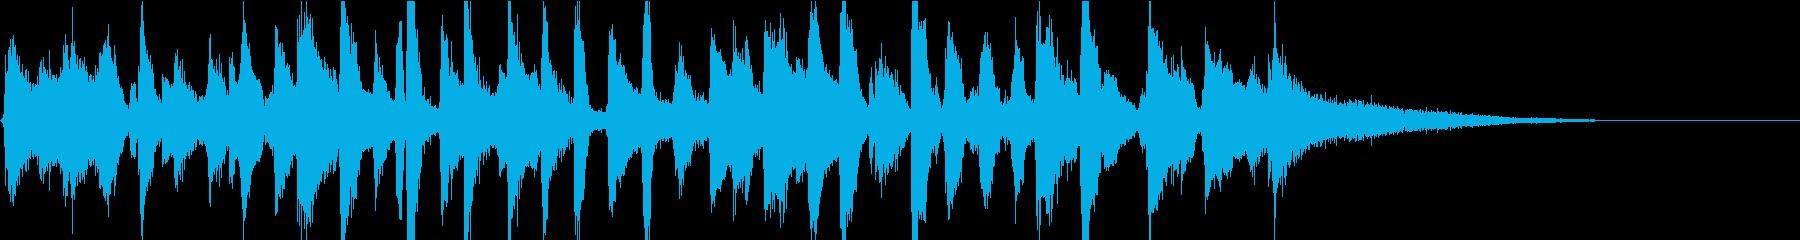 陽気なピアノレトロジャズバンドジングルの再生済みの波形